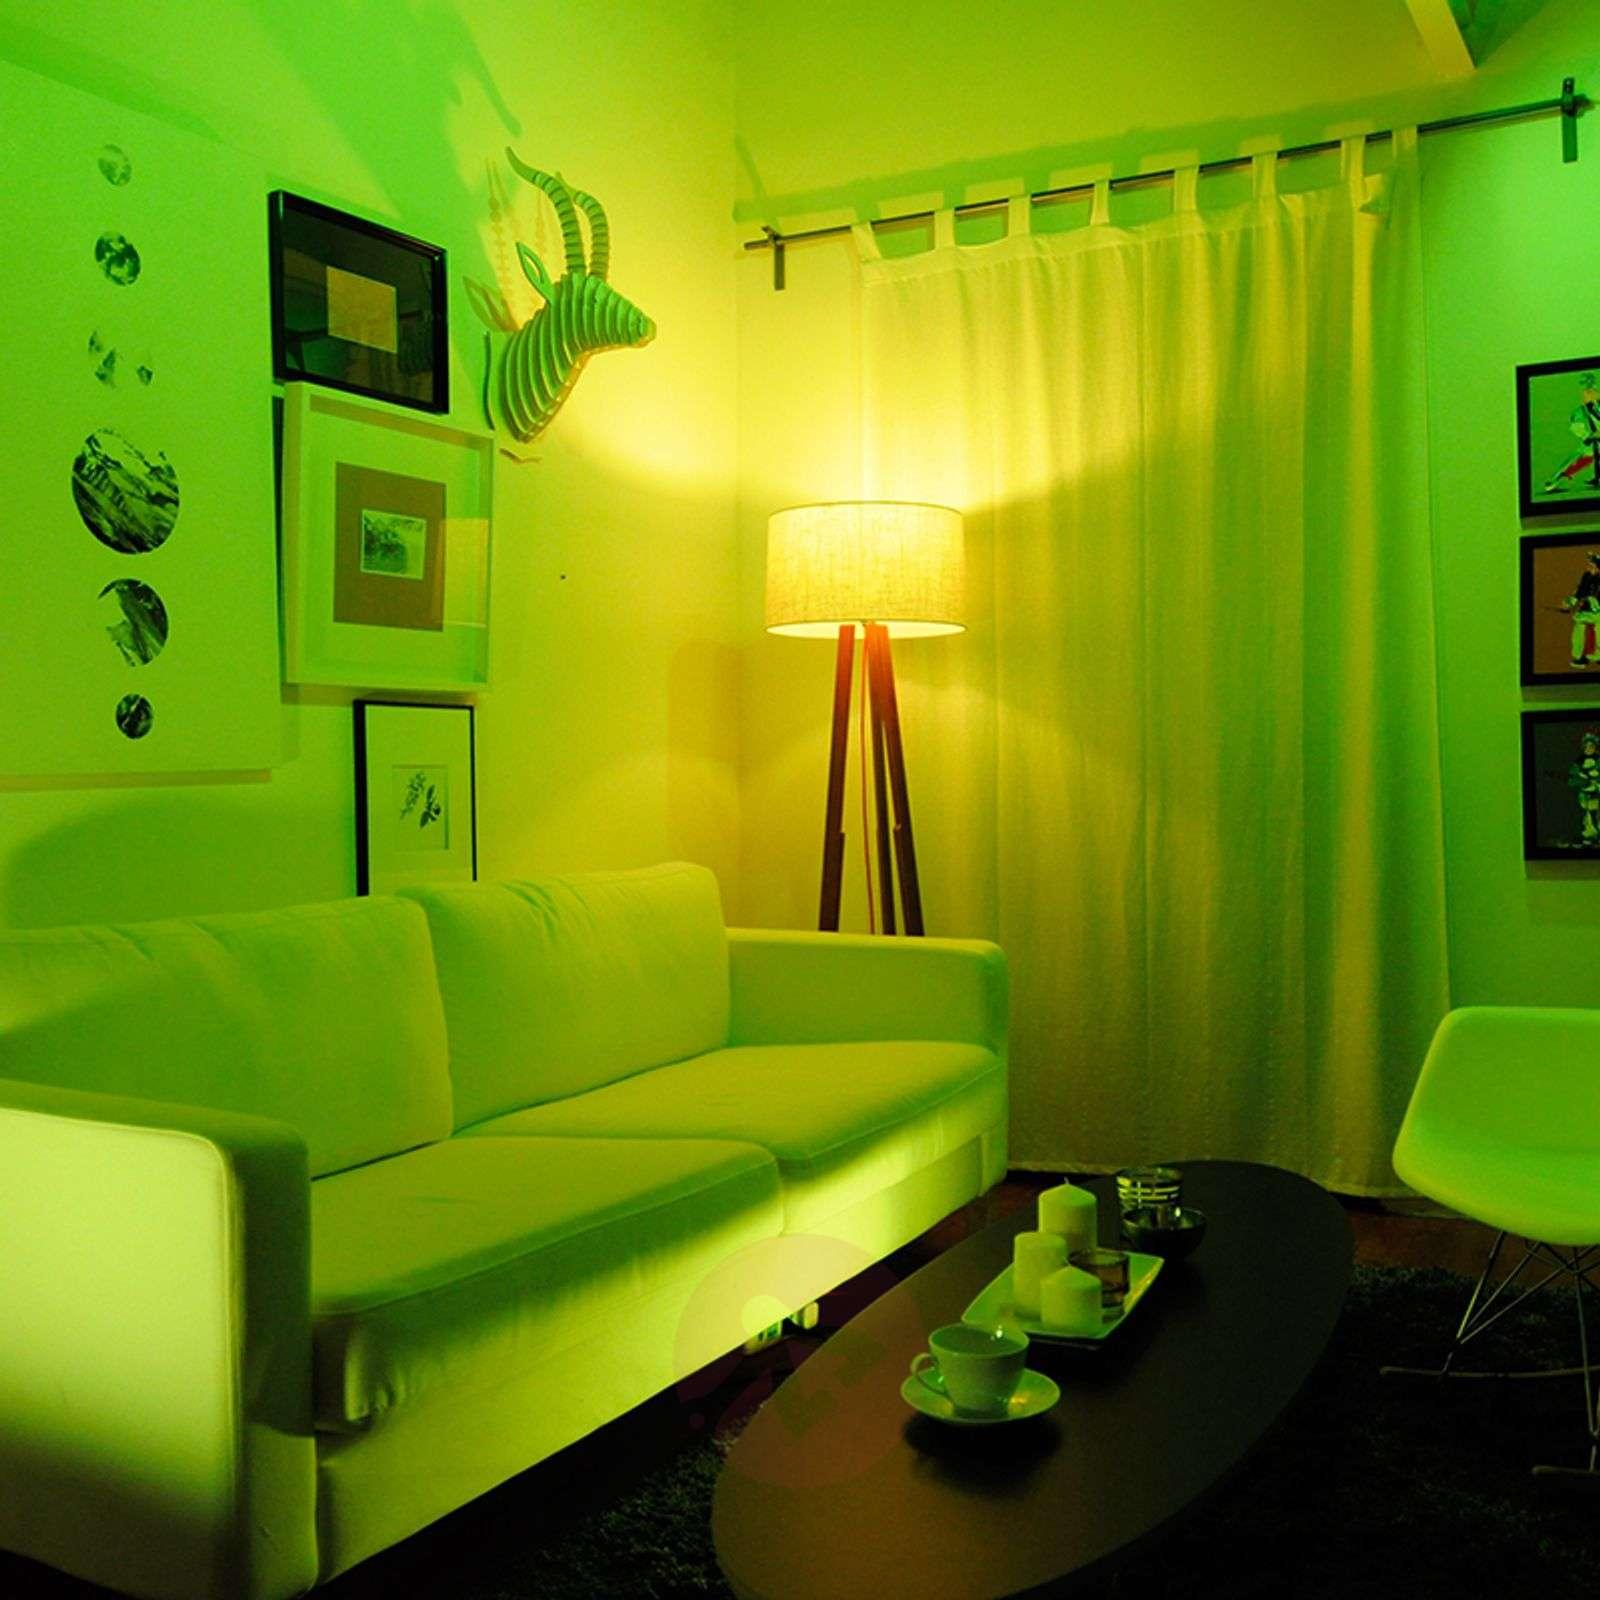 iDual E27 LED-lamppu ilman kaukosäädintä, 11W-9038019-01